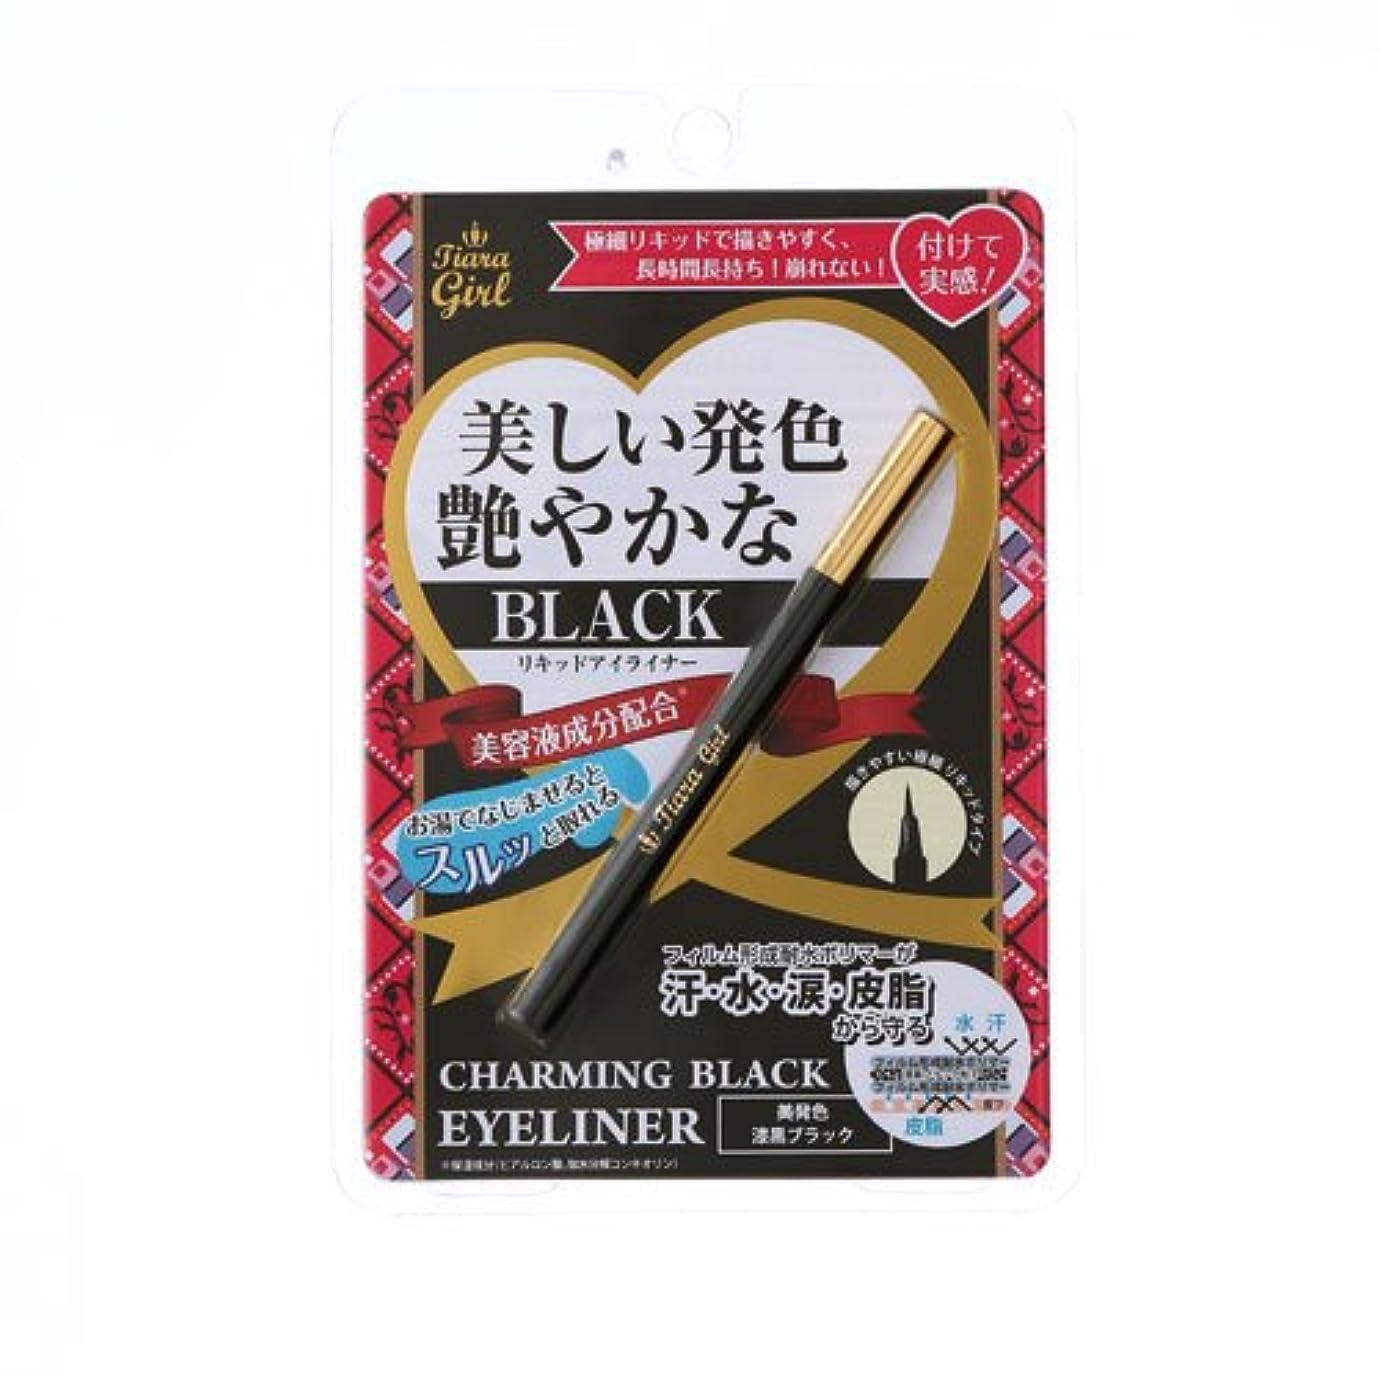 本会議多様なスタジアムお得な2本セット 美容液成分配合 ティアラガール チャーミング ブラック アイライナー 0.4g